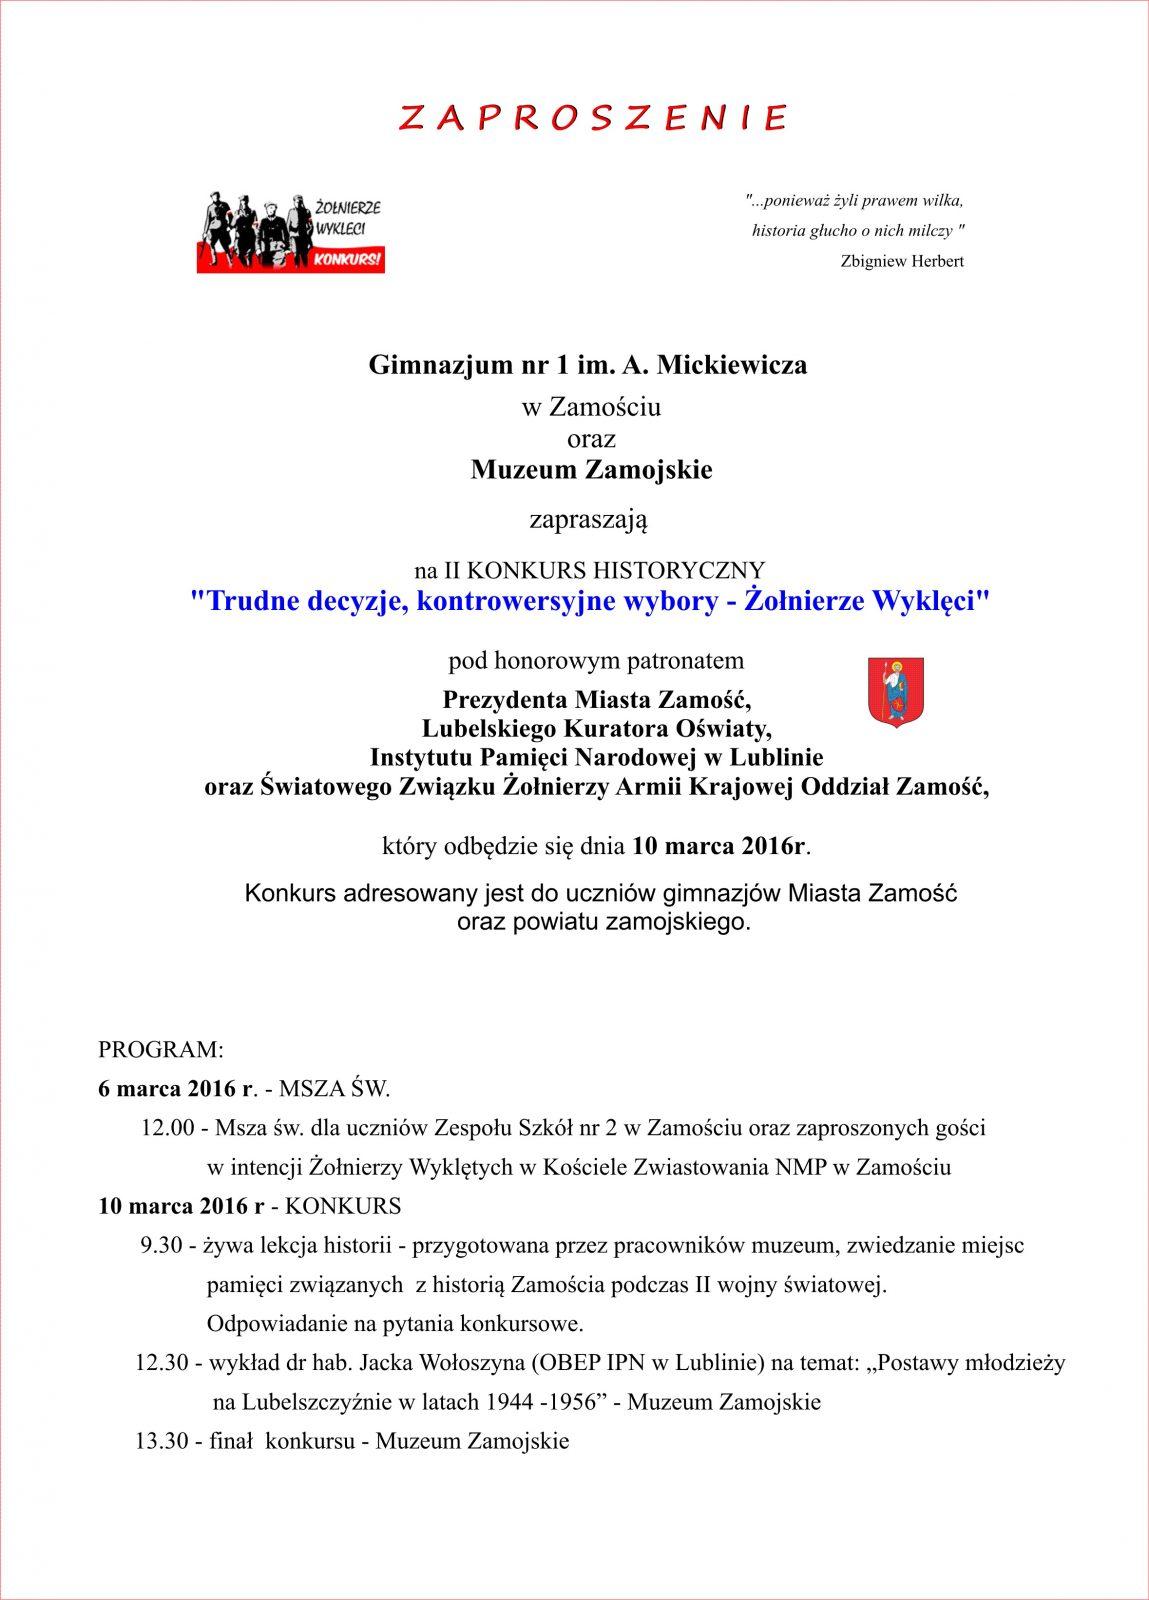 zaproszenie - media 1